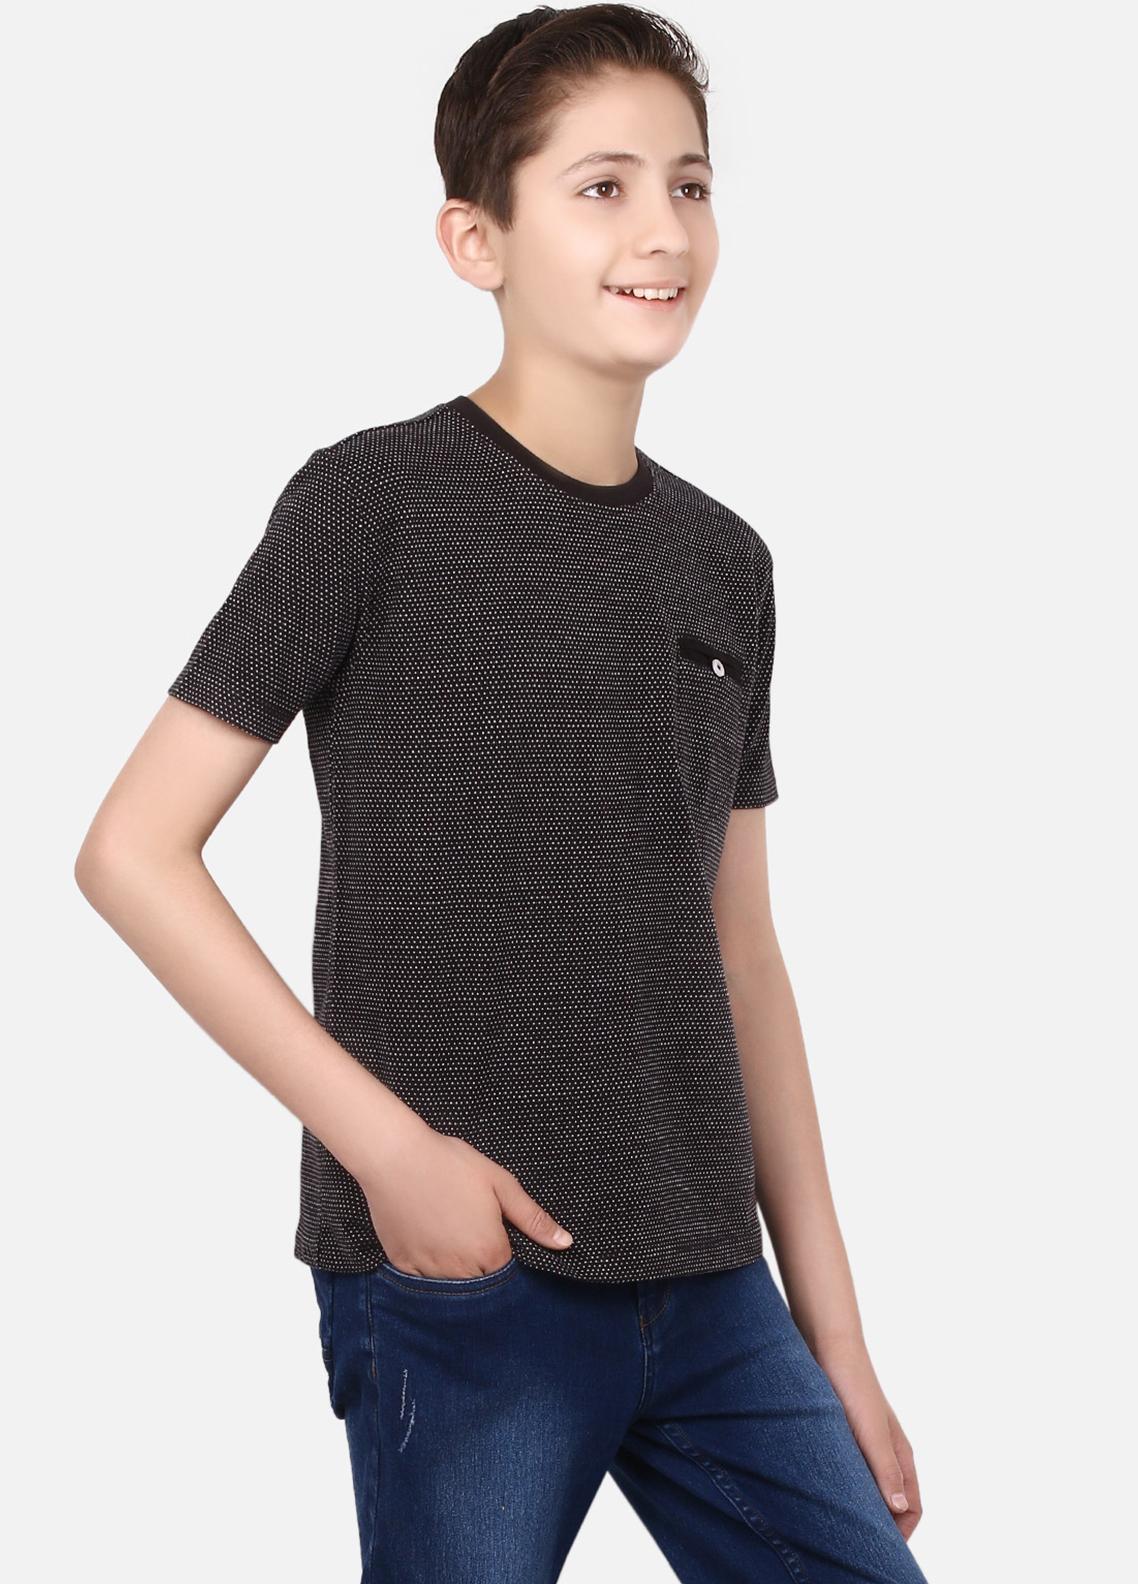 Edenrobe Cotton Half Sleeves Tees for Boys - Black EBTTS19-020